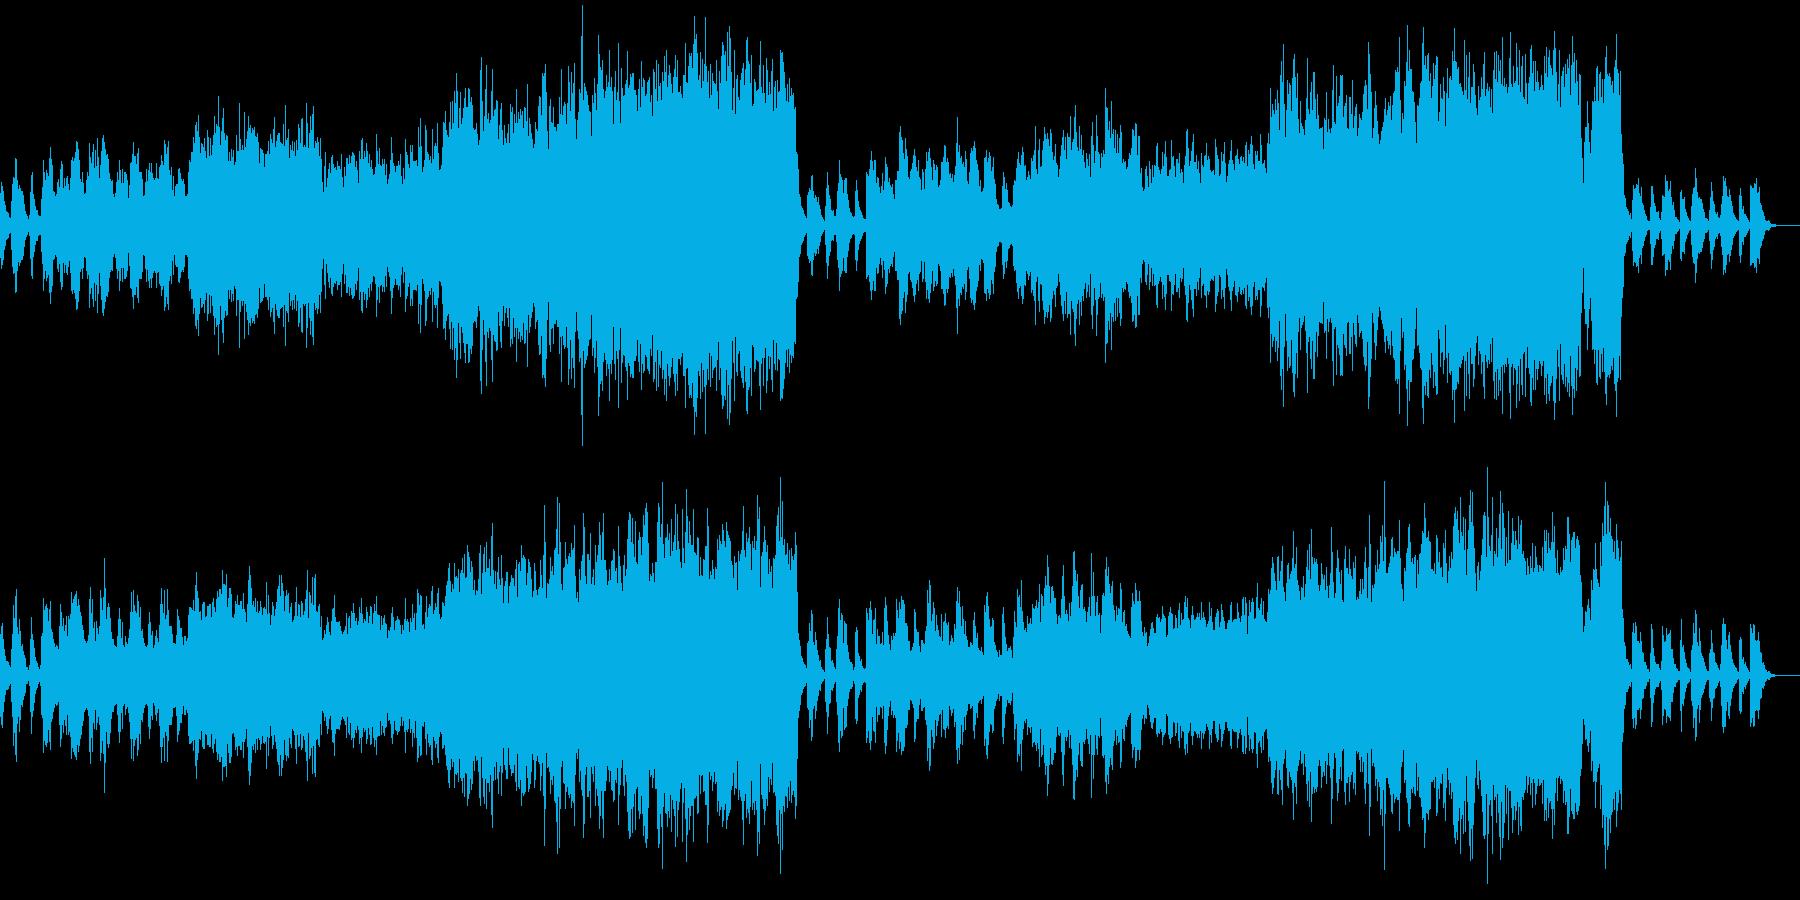 ちょっと古い感じの音像のクリスマス曲の再生済みの波形